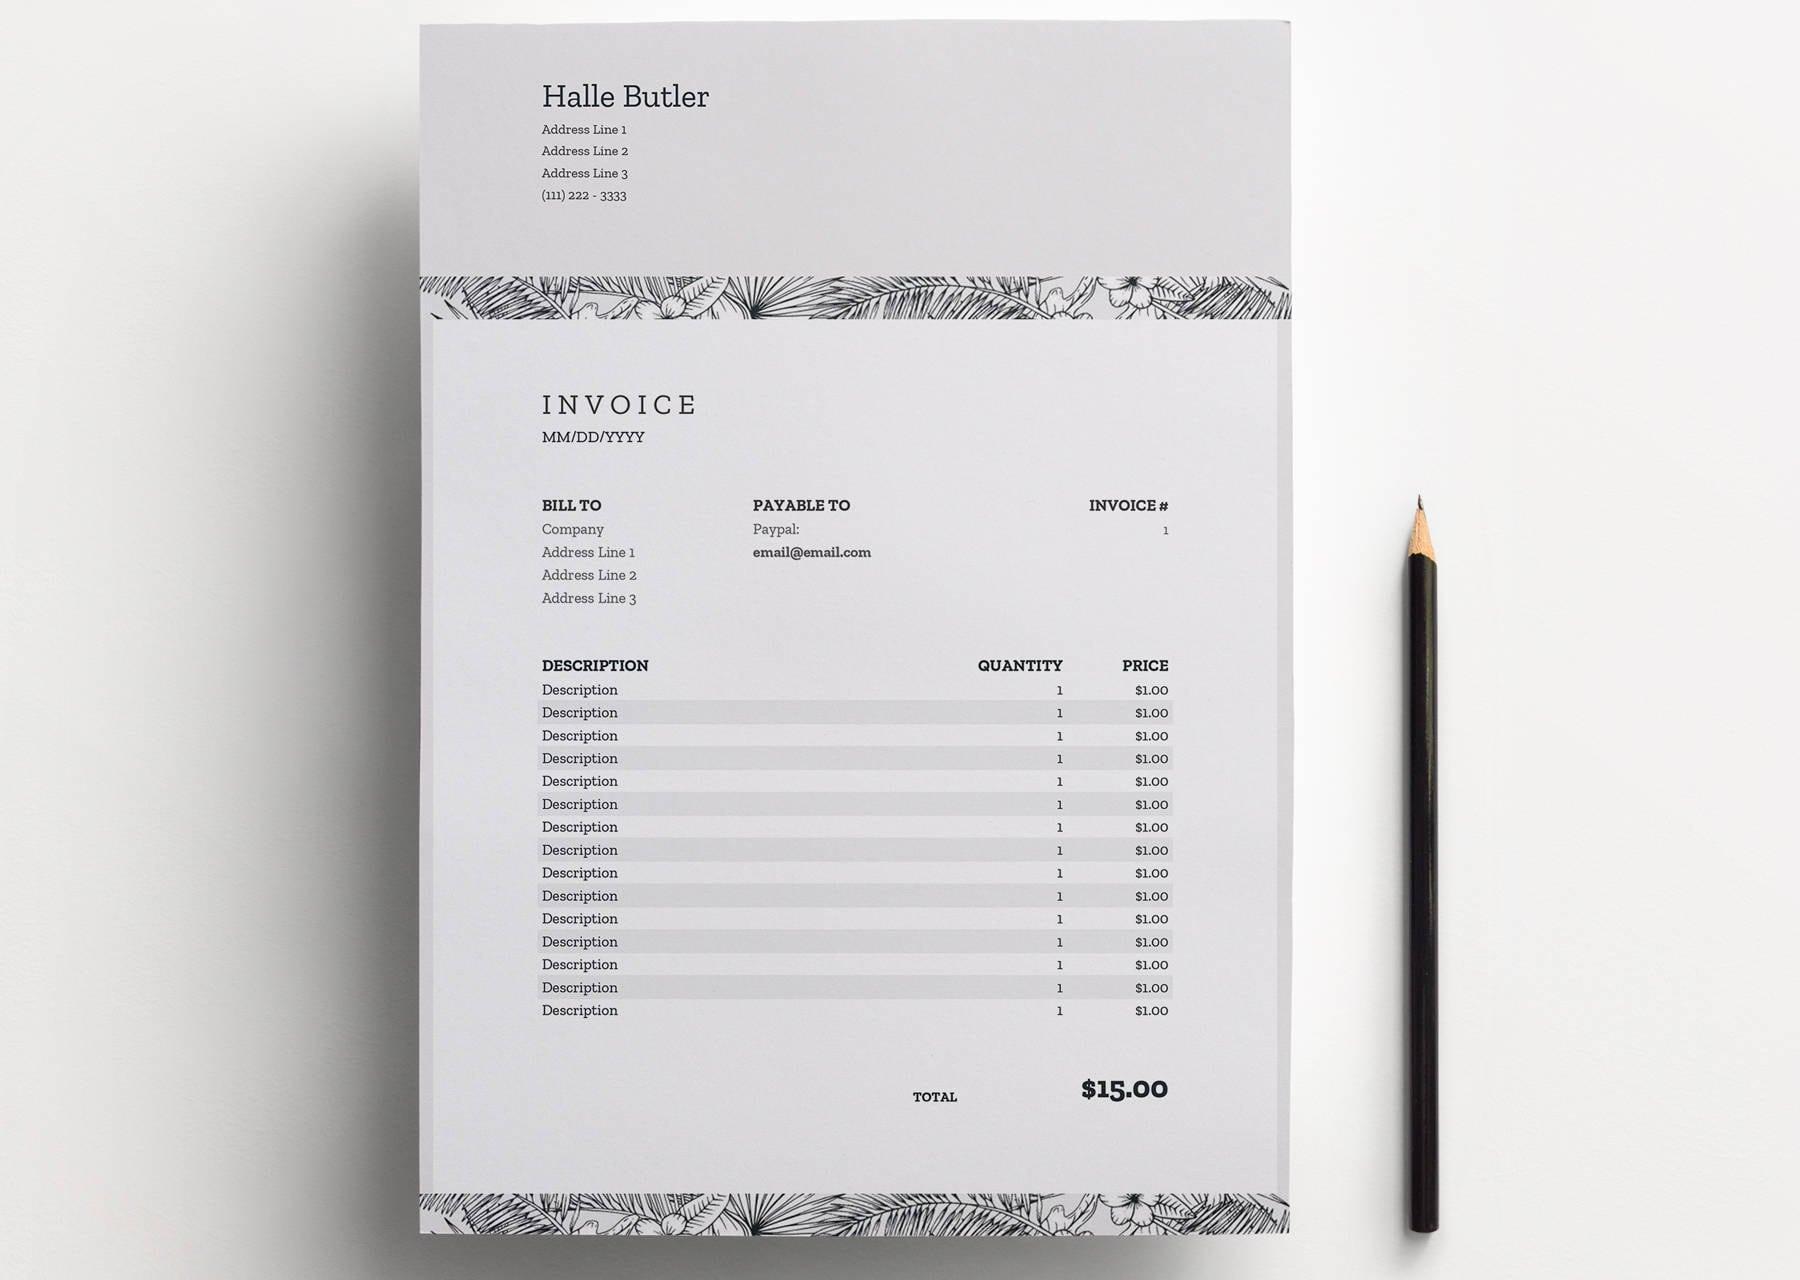 Factura Excel Google hojas plantilla de recibo